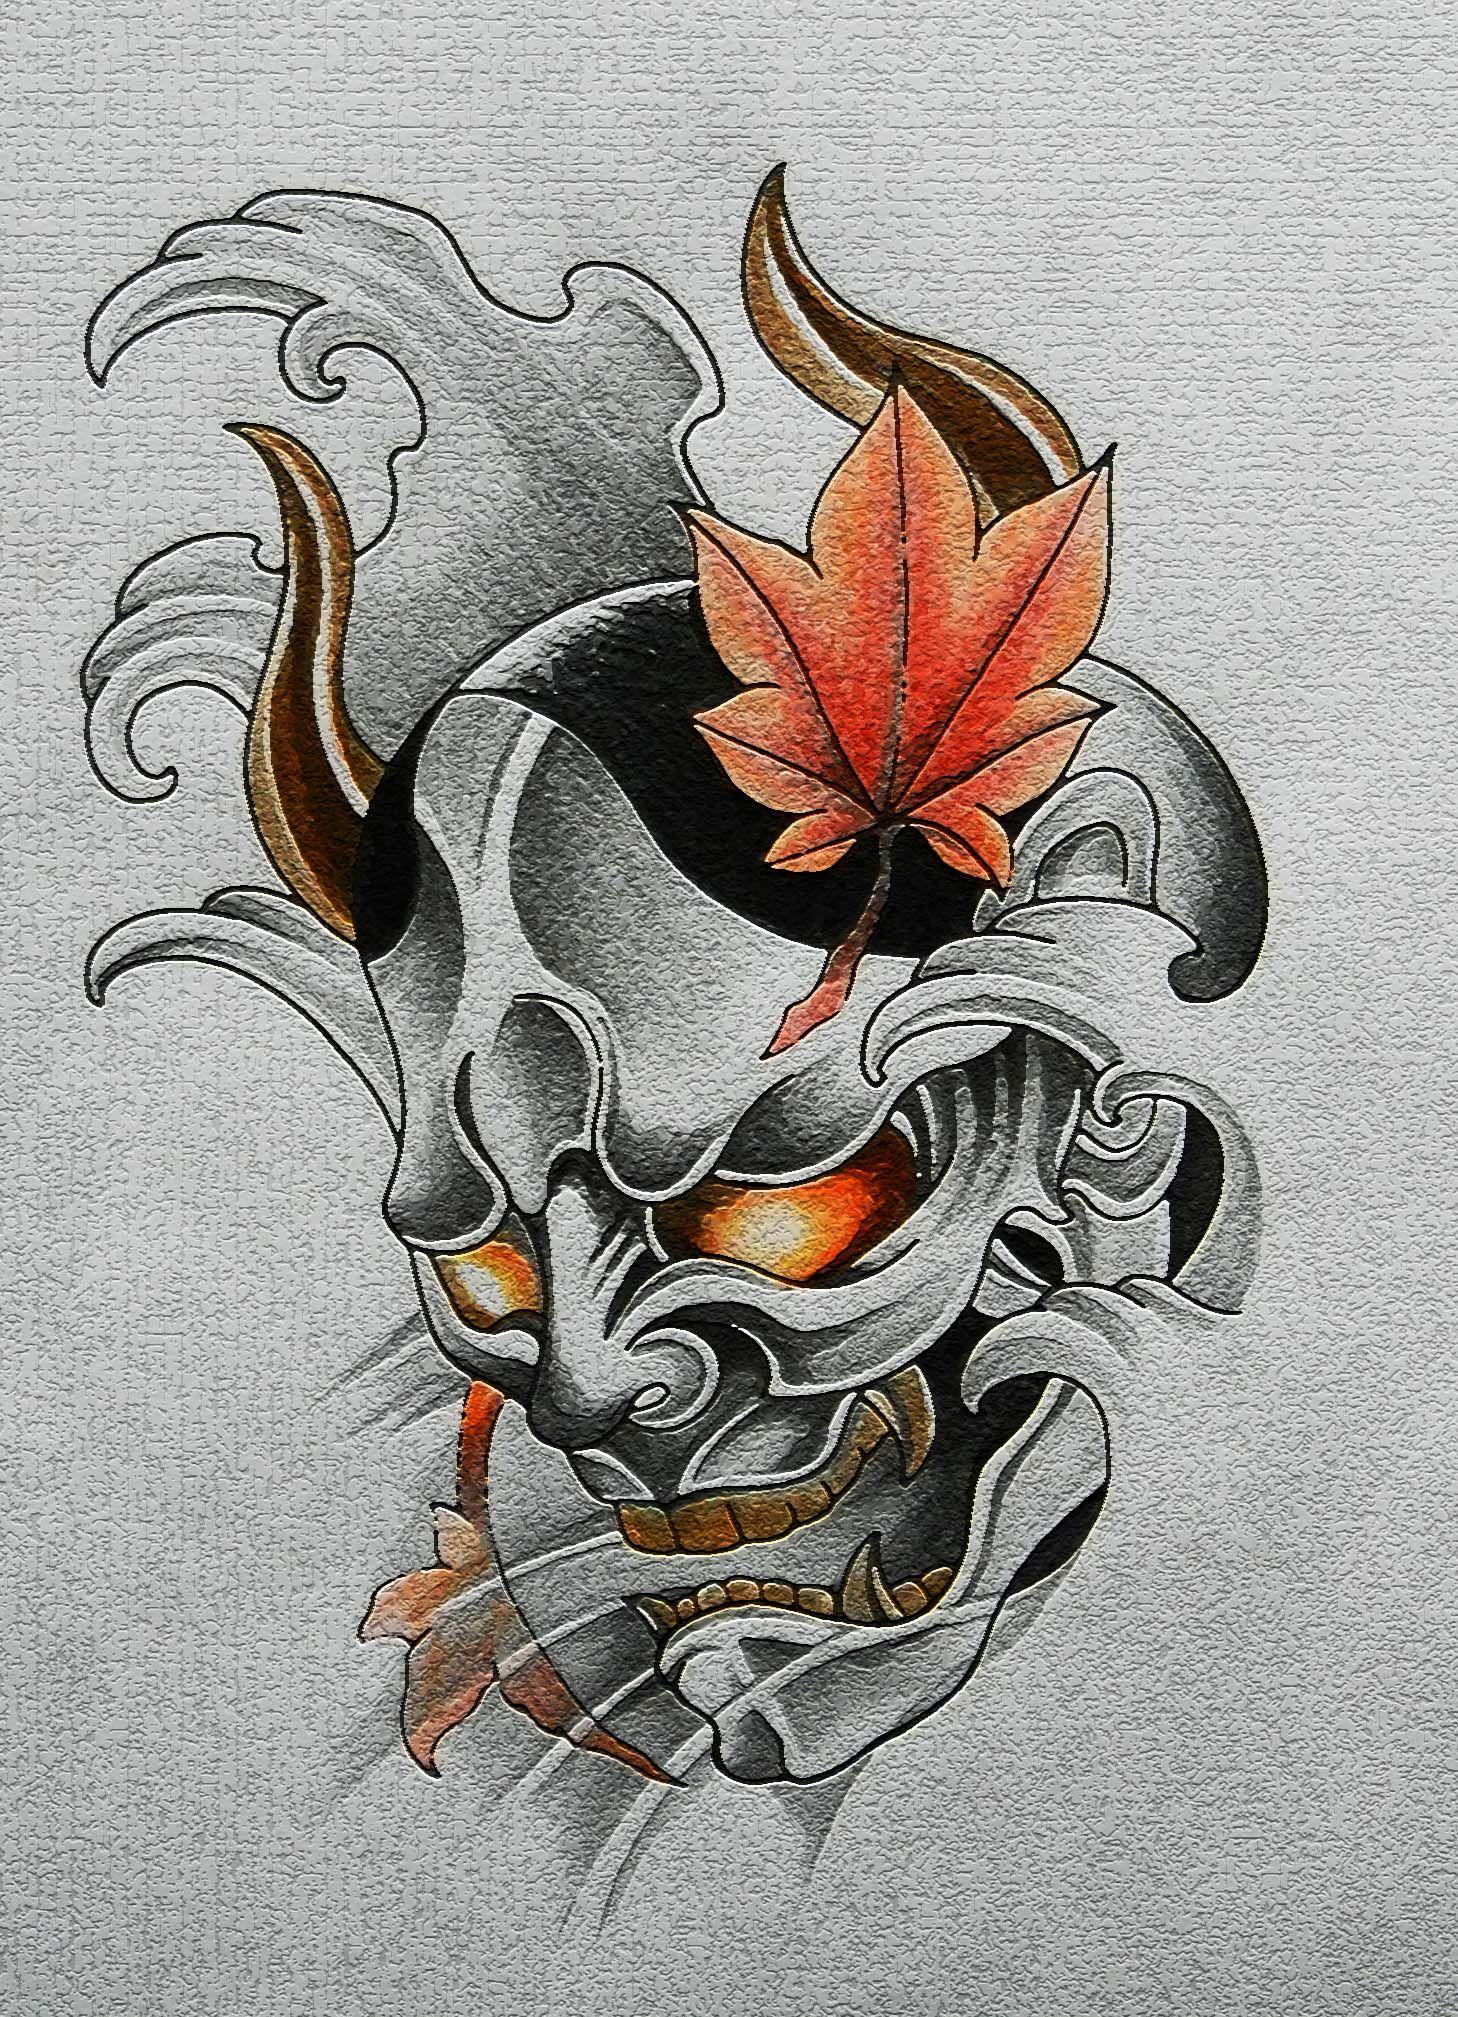 งานสกลาย แกลาย ออกแบบลาย chuennaijit on pinterest